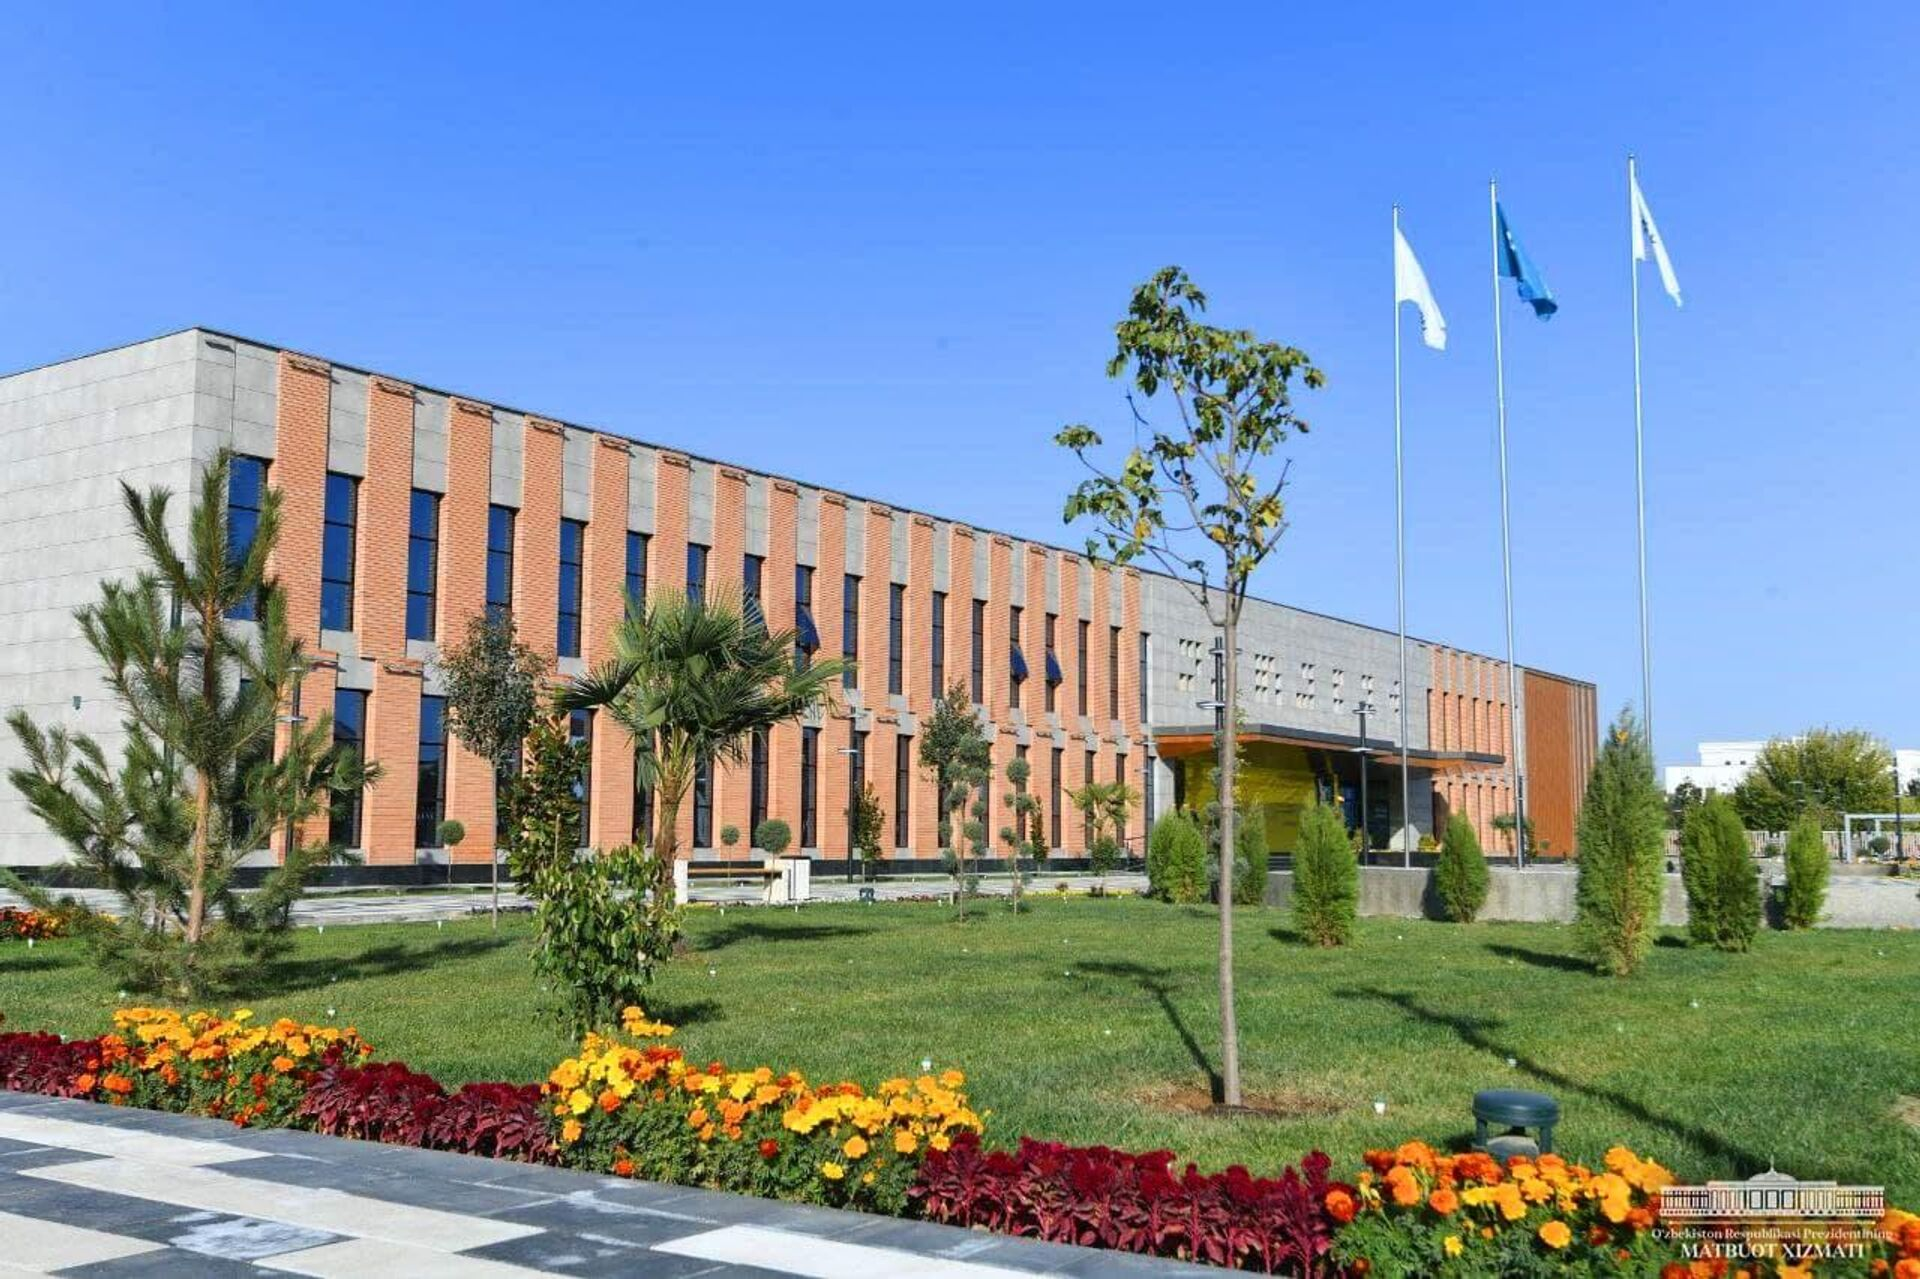 Шавкат Мирзиёев посетил президентскую школу в Карши - Sputnik Ўзбекистон, 1920, 12.10.2021